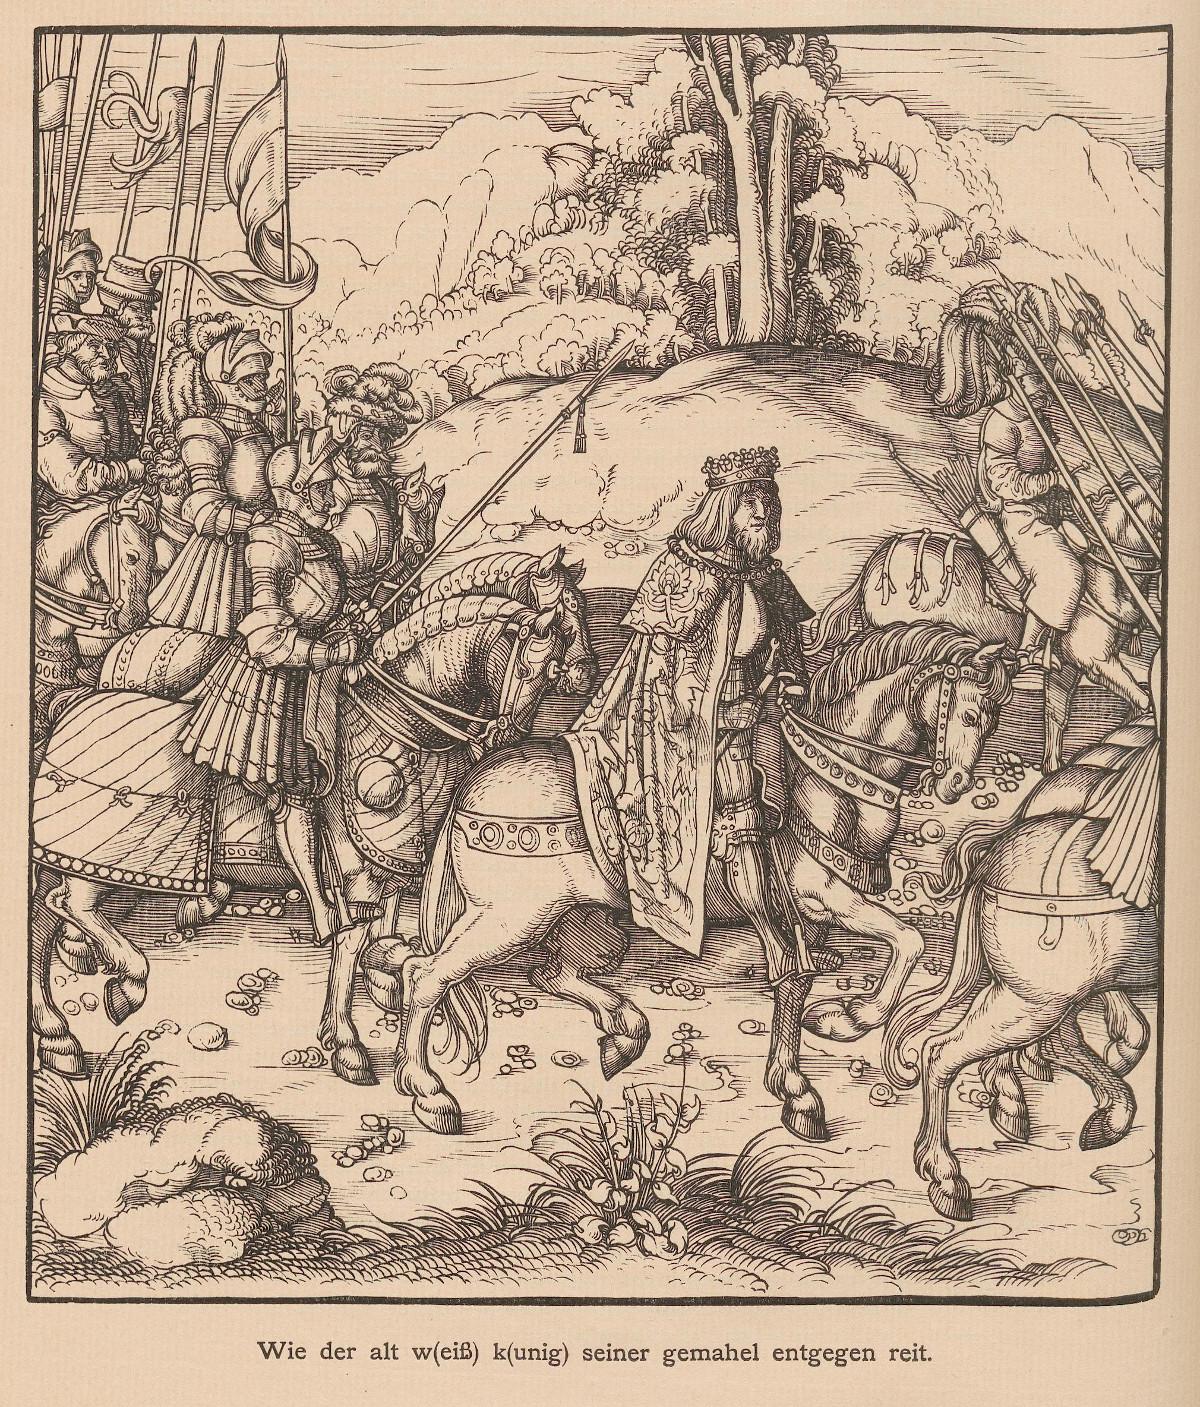 """1514, o. A.<br> Bildunterschrift: """"Wie der alt weiß kunig seiner gemahl entgegen reit."""" <br>Quelle: <a href=""""https://digi.ub.uni-heidelberg.de/diglit/jbksak1888/0046"""">Heidelberger historische Bestände – digital</a>; ursprl. publiziert in: Jahrbuch der Kunsthistorischen Sammlungen des Allerhöchsten Kaiserhauses. Der Weisskunig. Wien 6.1888, S. 16.<br>  Lizenz: <a href=""""https://creativecommons.org/licenses/by-sa/3.0/de/"""">Creative Commons BY-SA 3.0 DE</a>"""